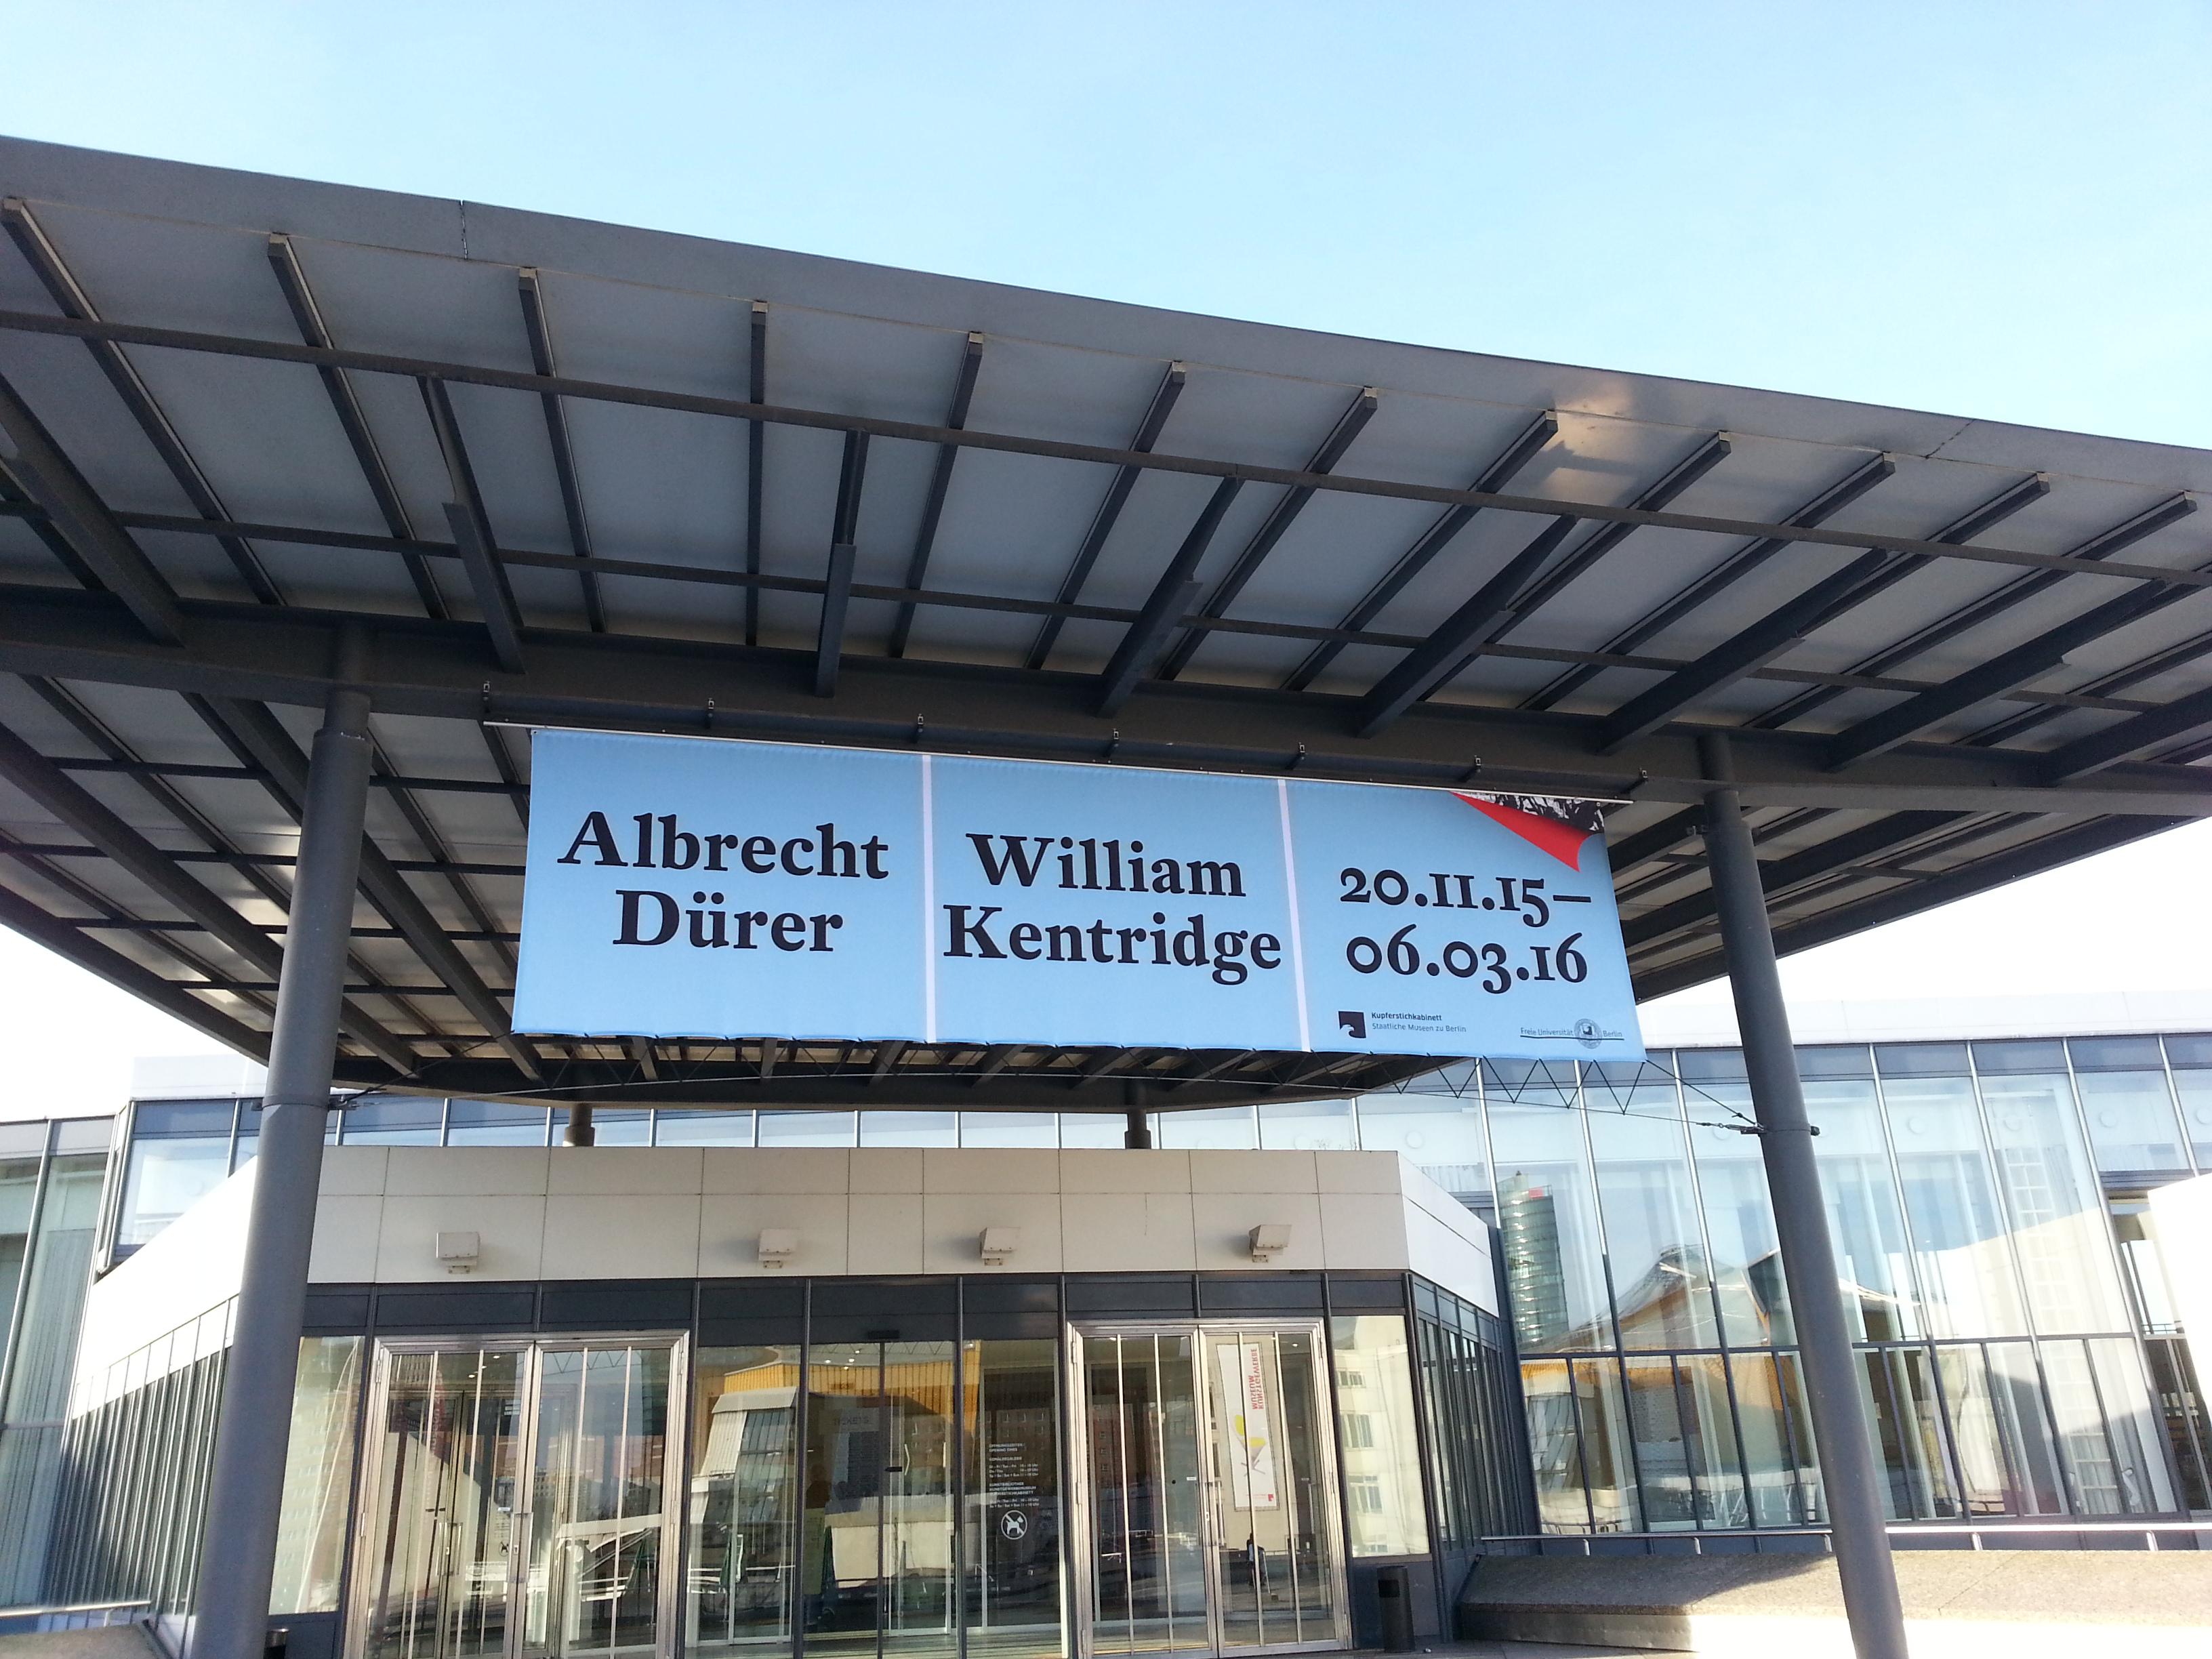 Albrecht Dürer & William Kentridge: Ein Blick genügt nicht